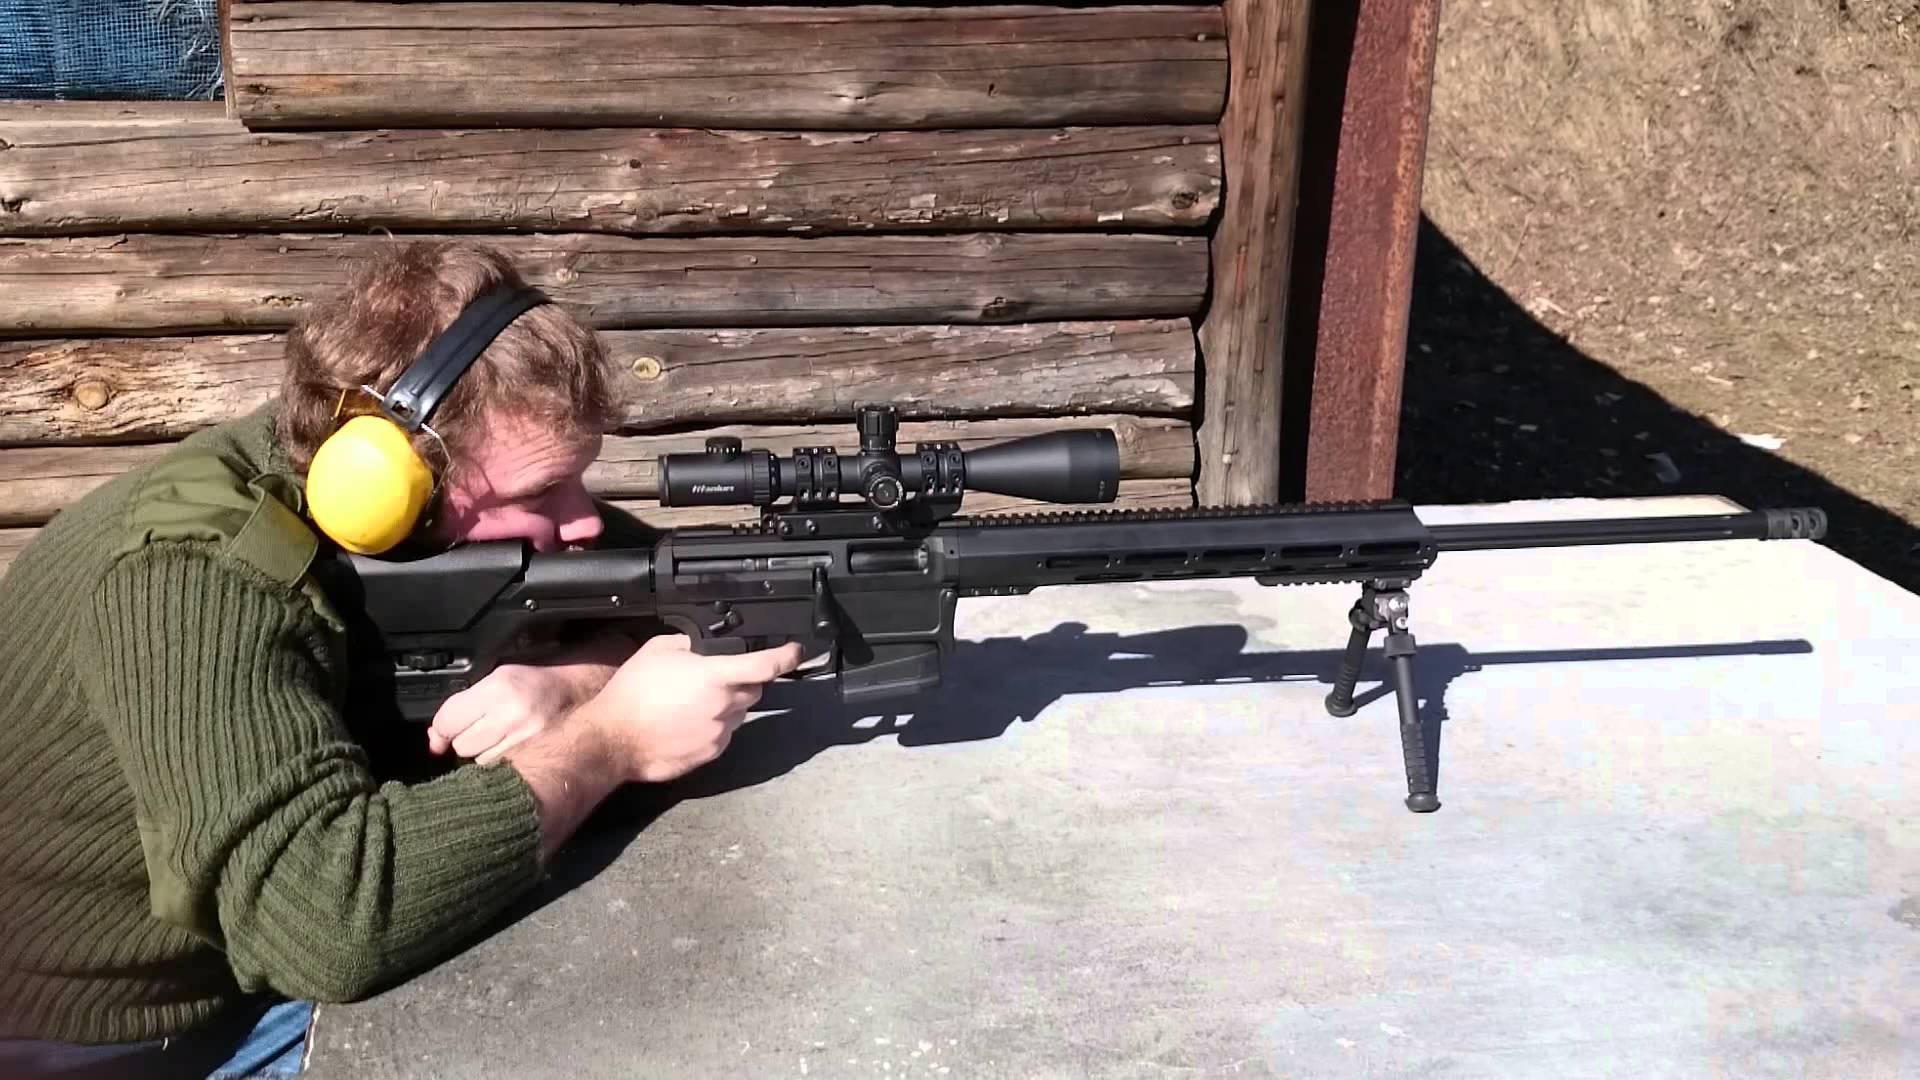 Зброяр z-10 — википедия. что такое зброяр z-10